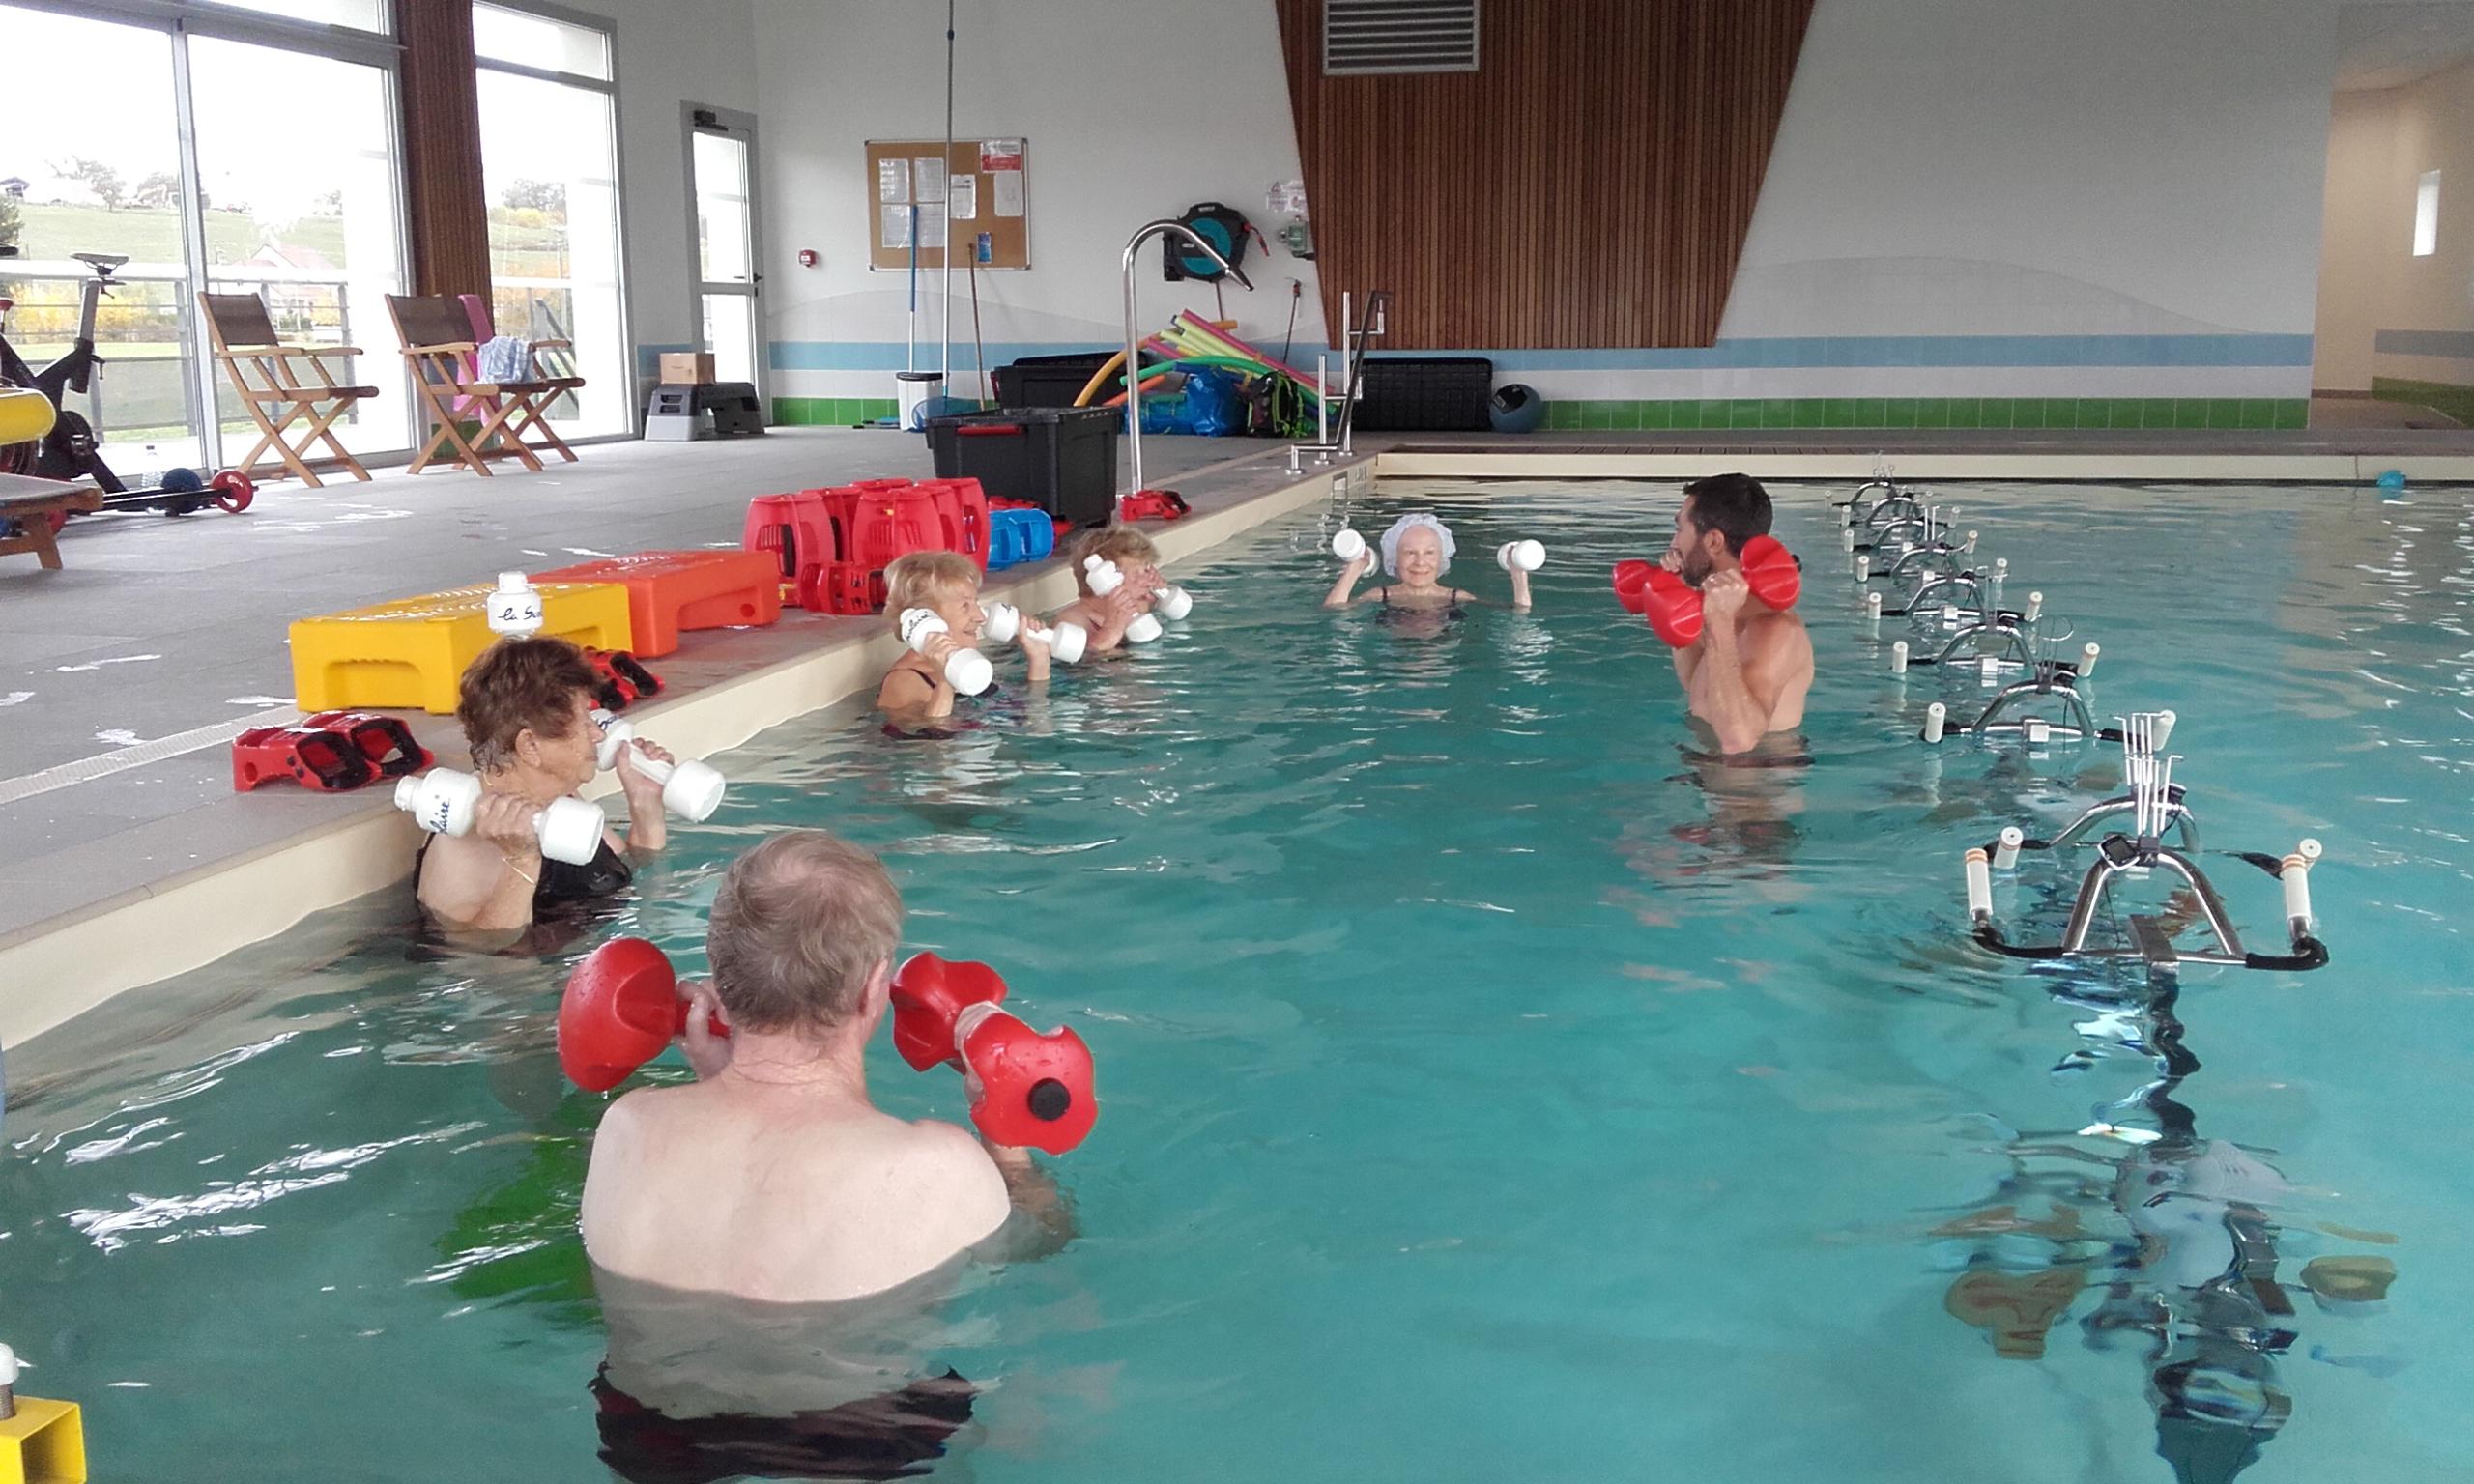 Résidence Services Seniors Près De Lons-Le-Saunier (39) Pour ... intérieur Piscine Lons